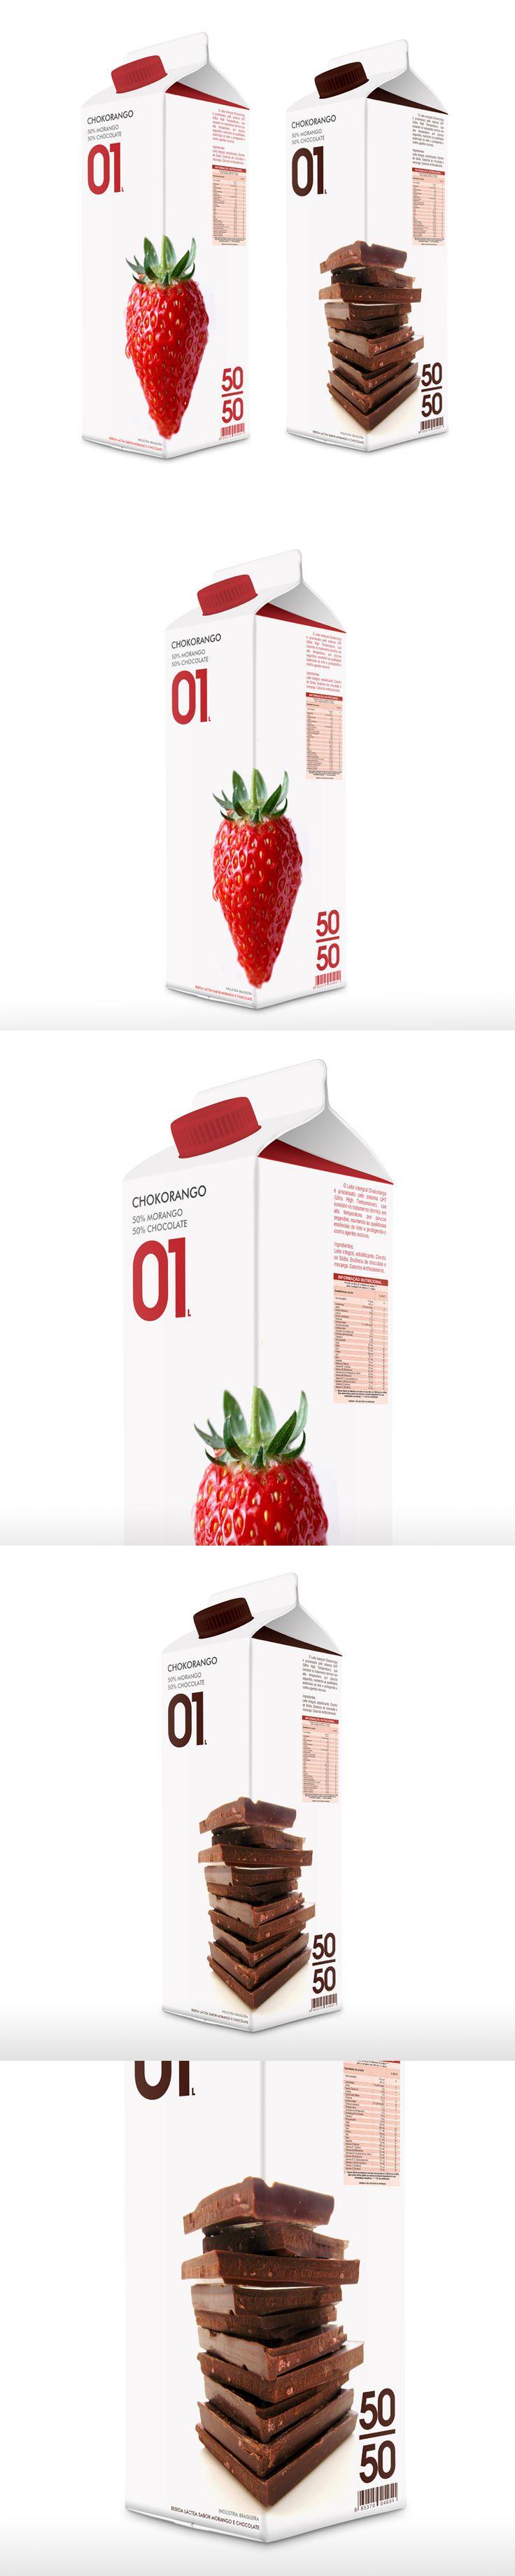 Dulces batidos de fresa y chololate en un #packaging espectacularmente llamativo y fresco!